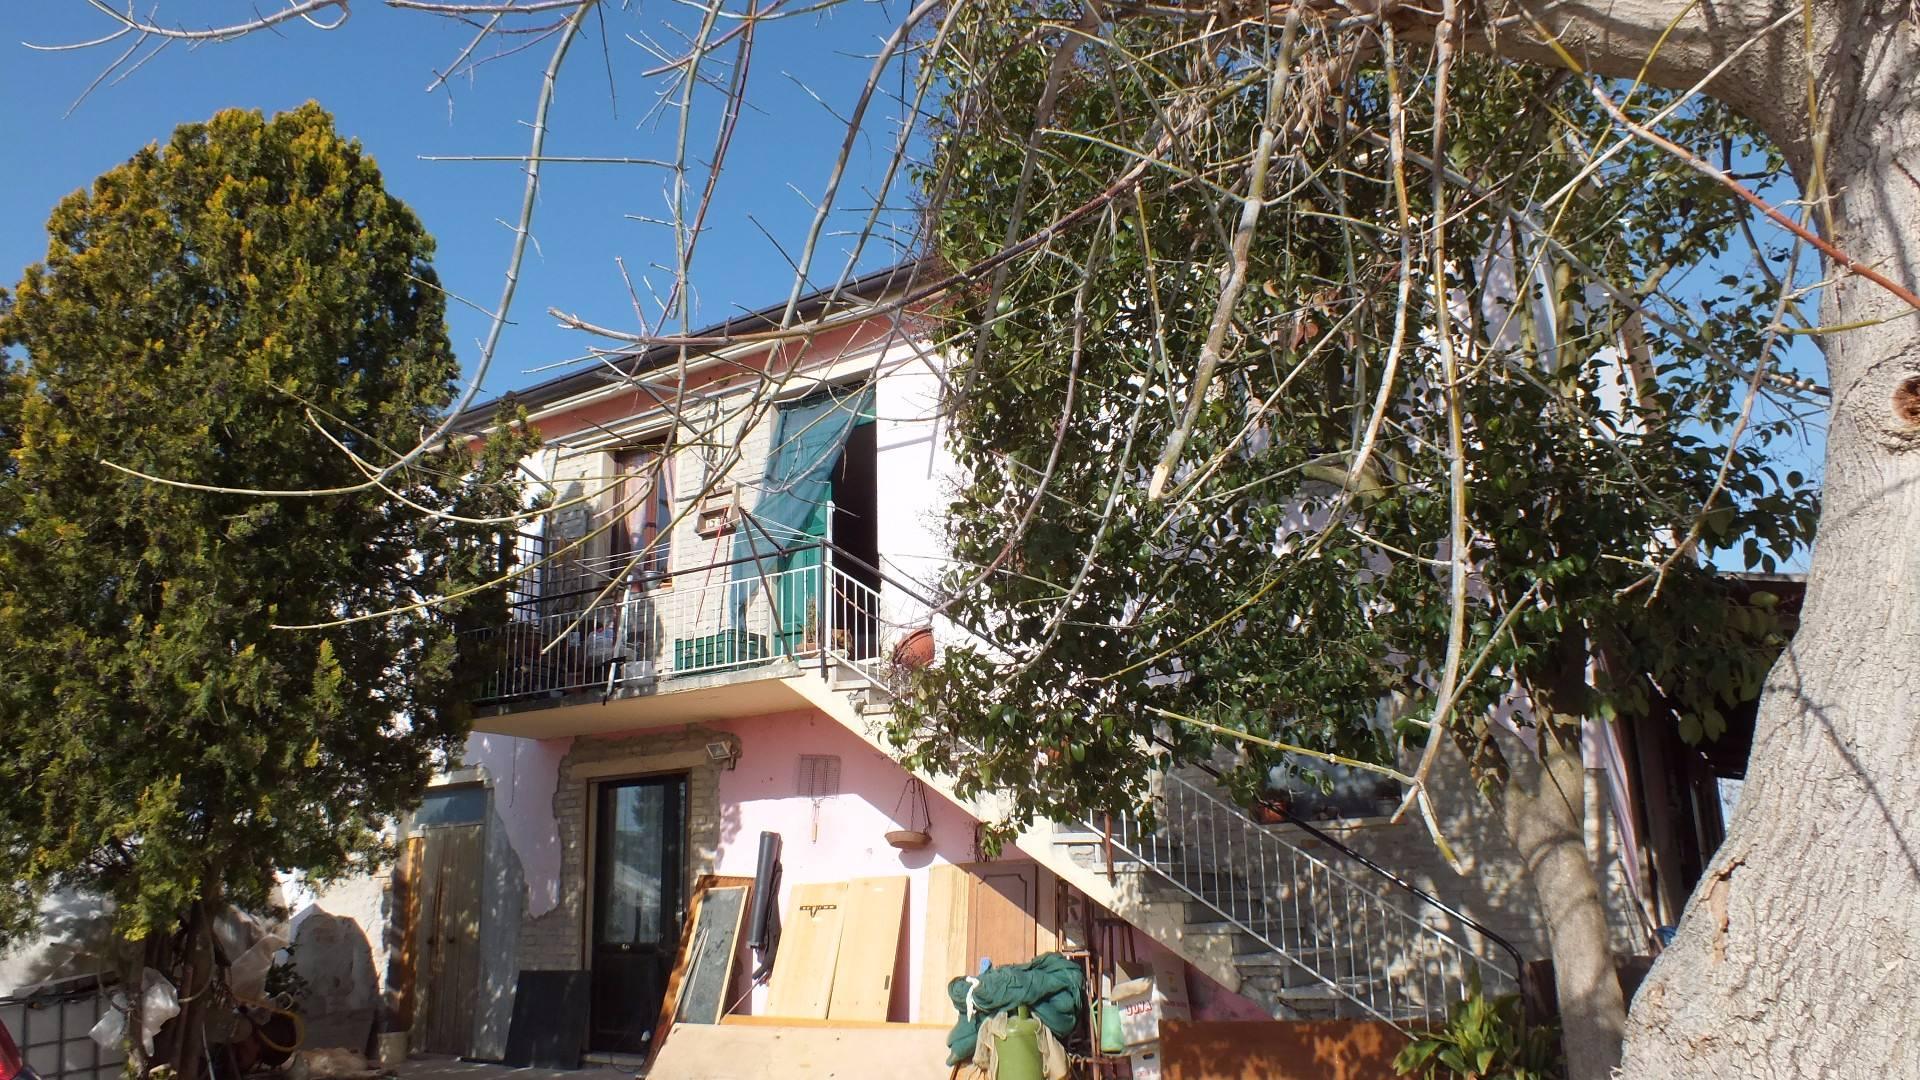 Soluzione Indipendente in vendita a Monte San Pietrangeli, 10 locali, prezzo € 240.000 | CambioCasa.it